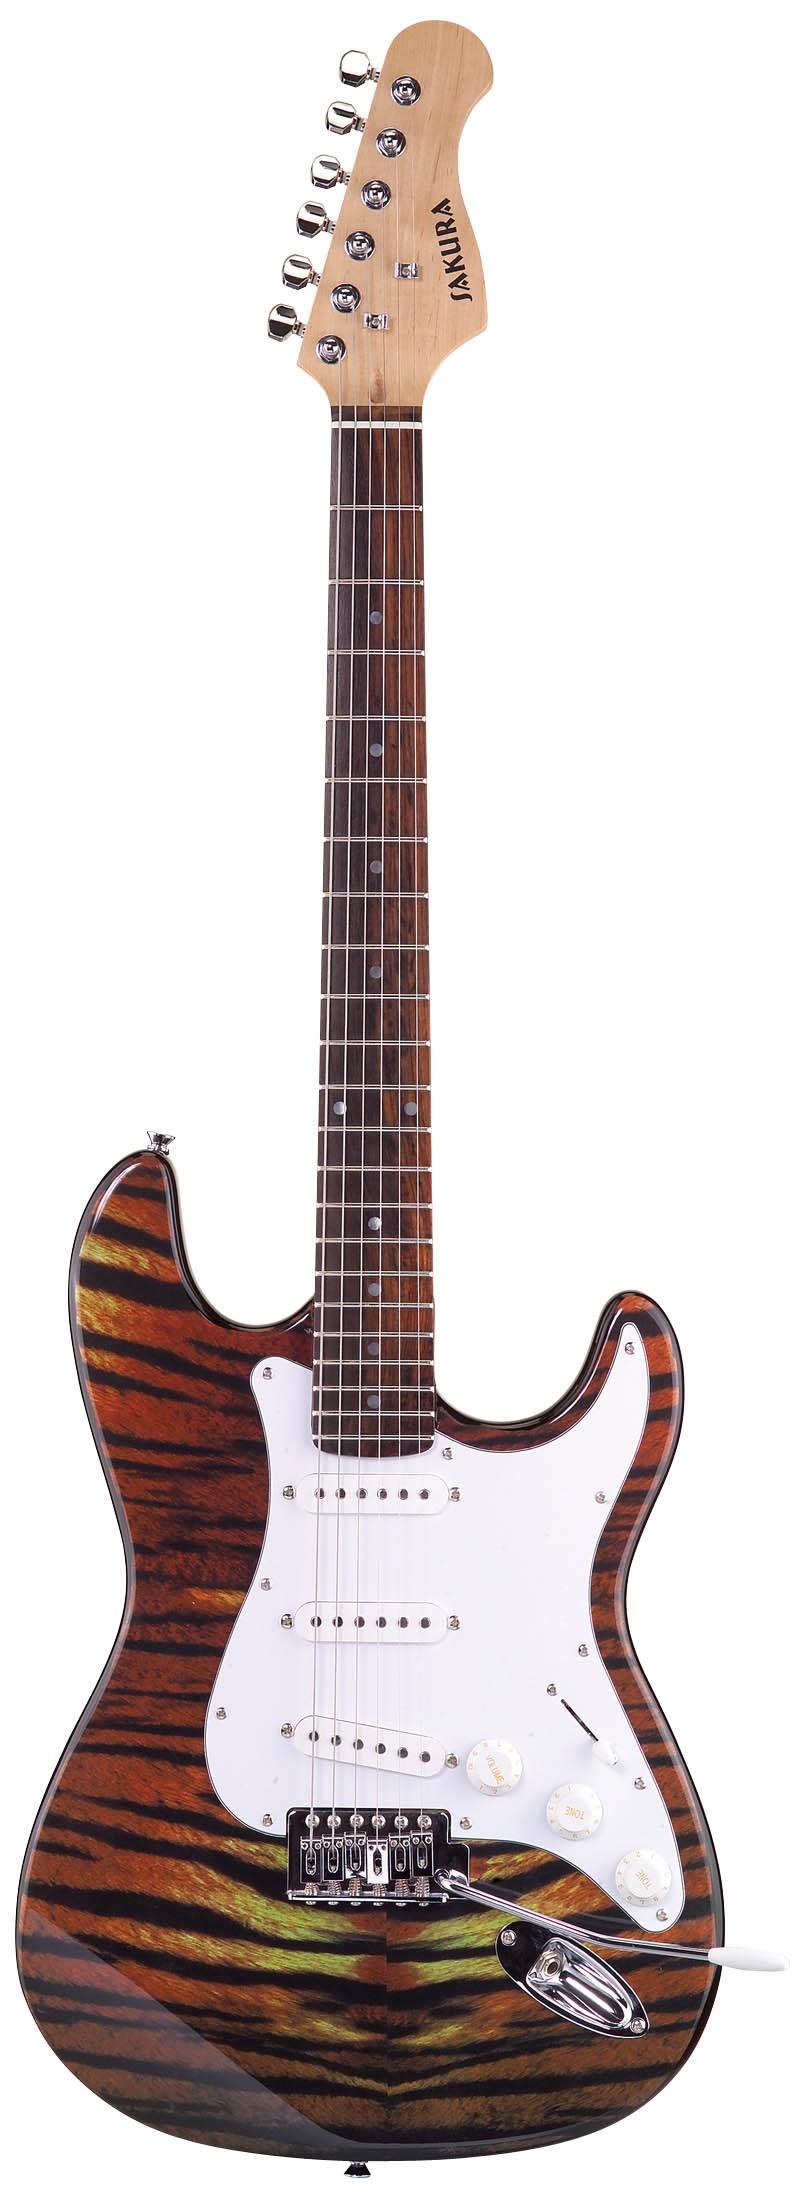 Sakura Eeg-075 St Guitar Tiger Pattern Veneer Solid Wood ...